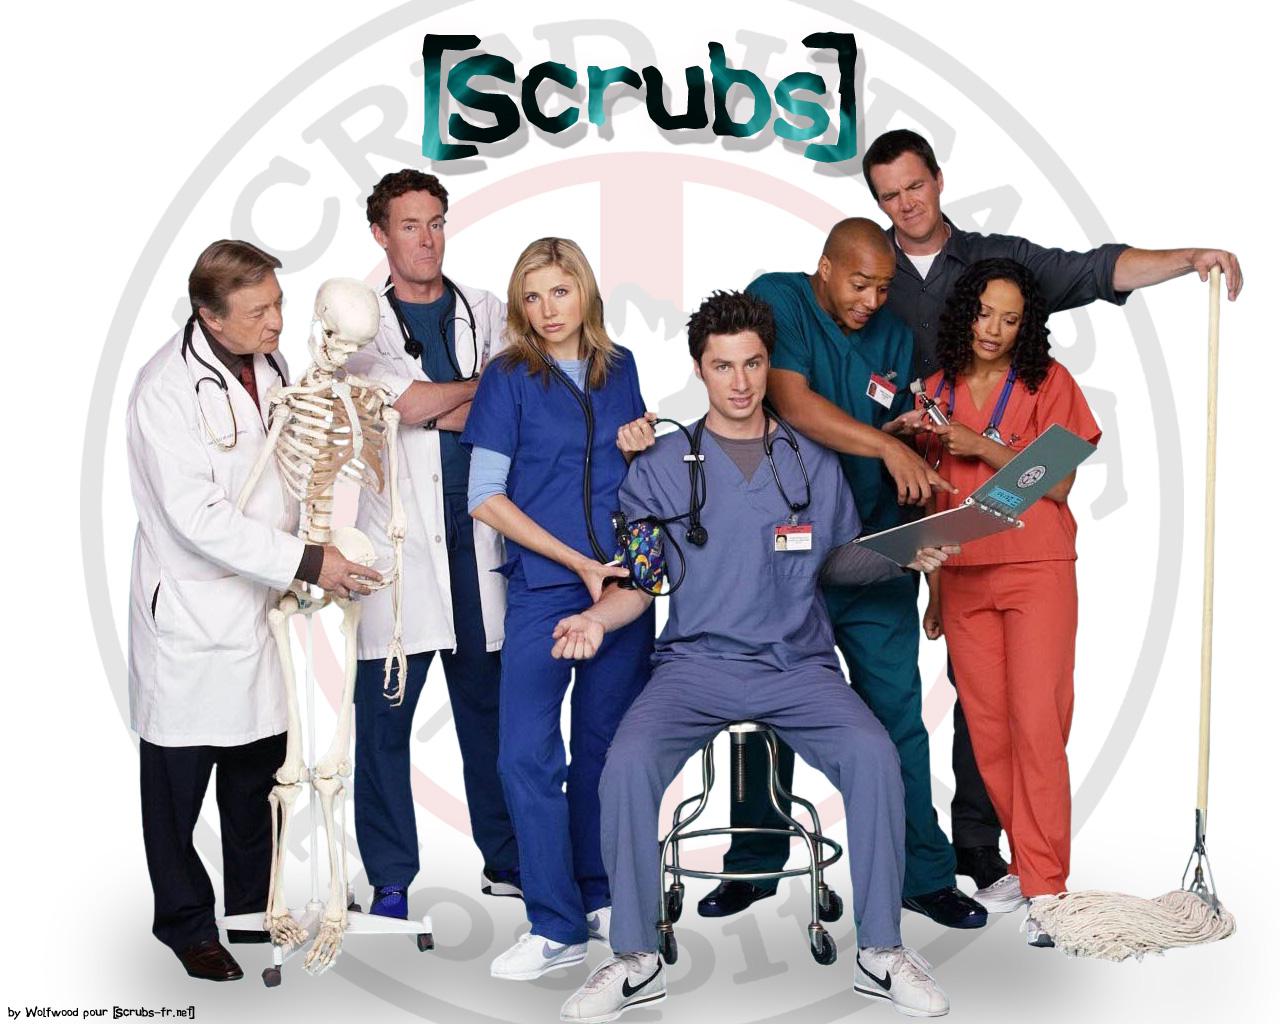 Scrubs-scrubs-556592_1280_1024.jpg